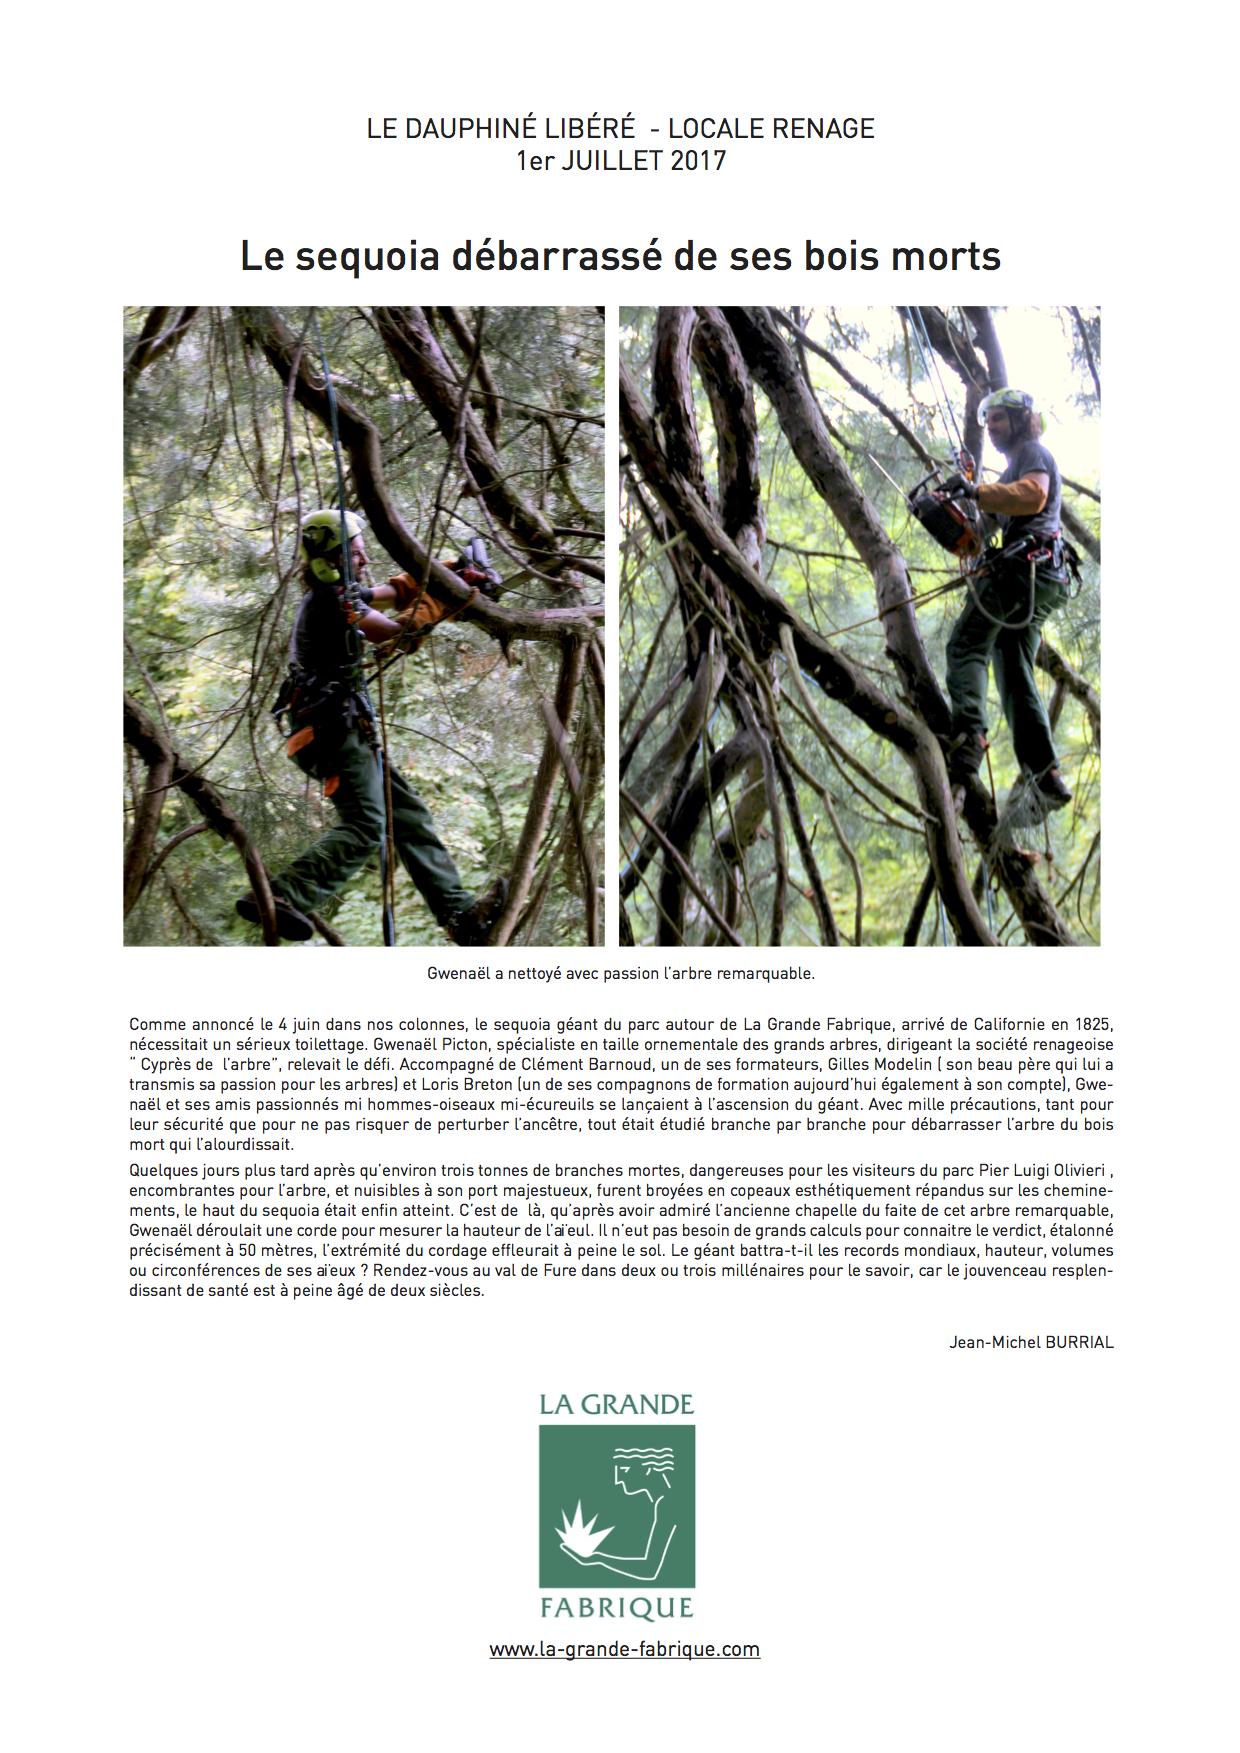 Le sequoia débarrassé de ses bois morts